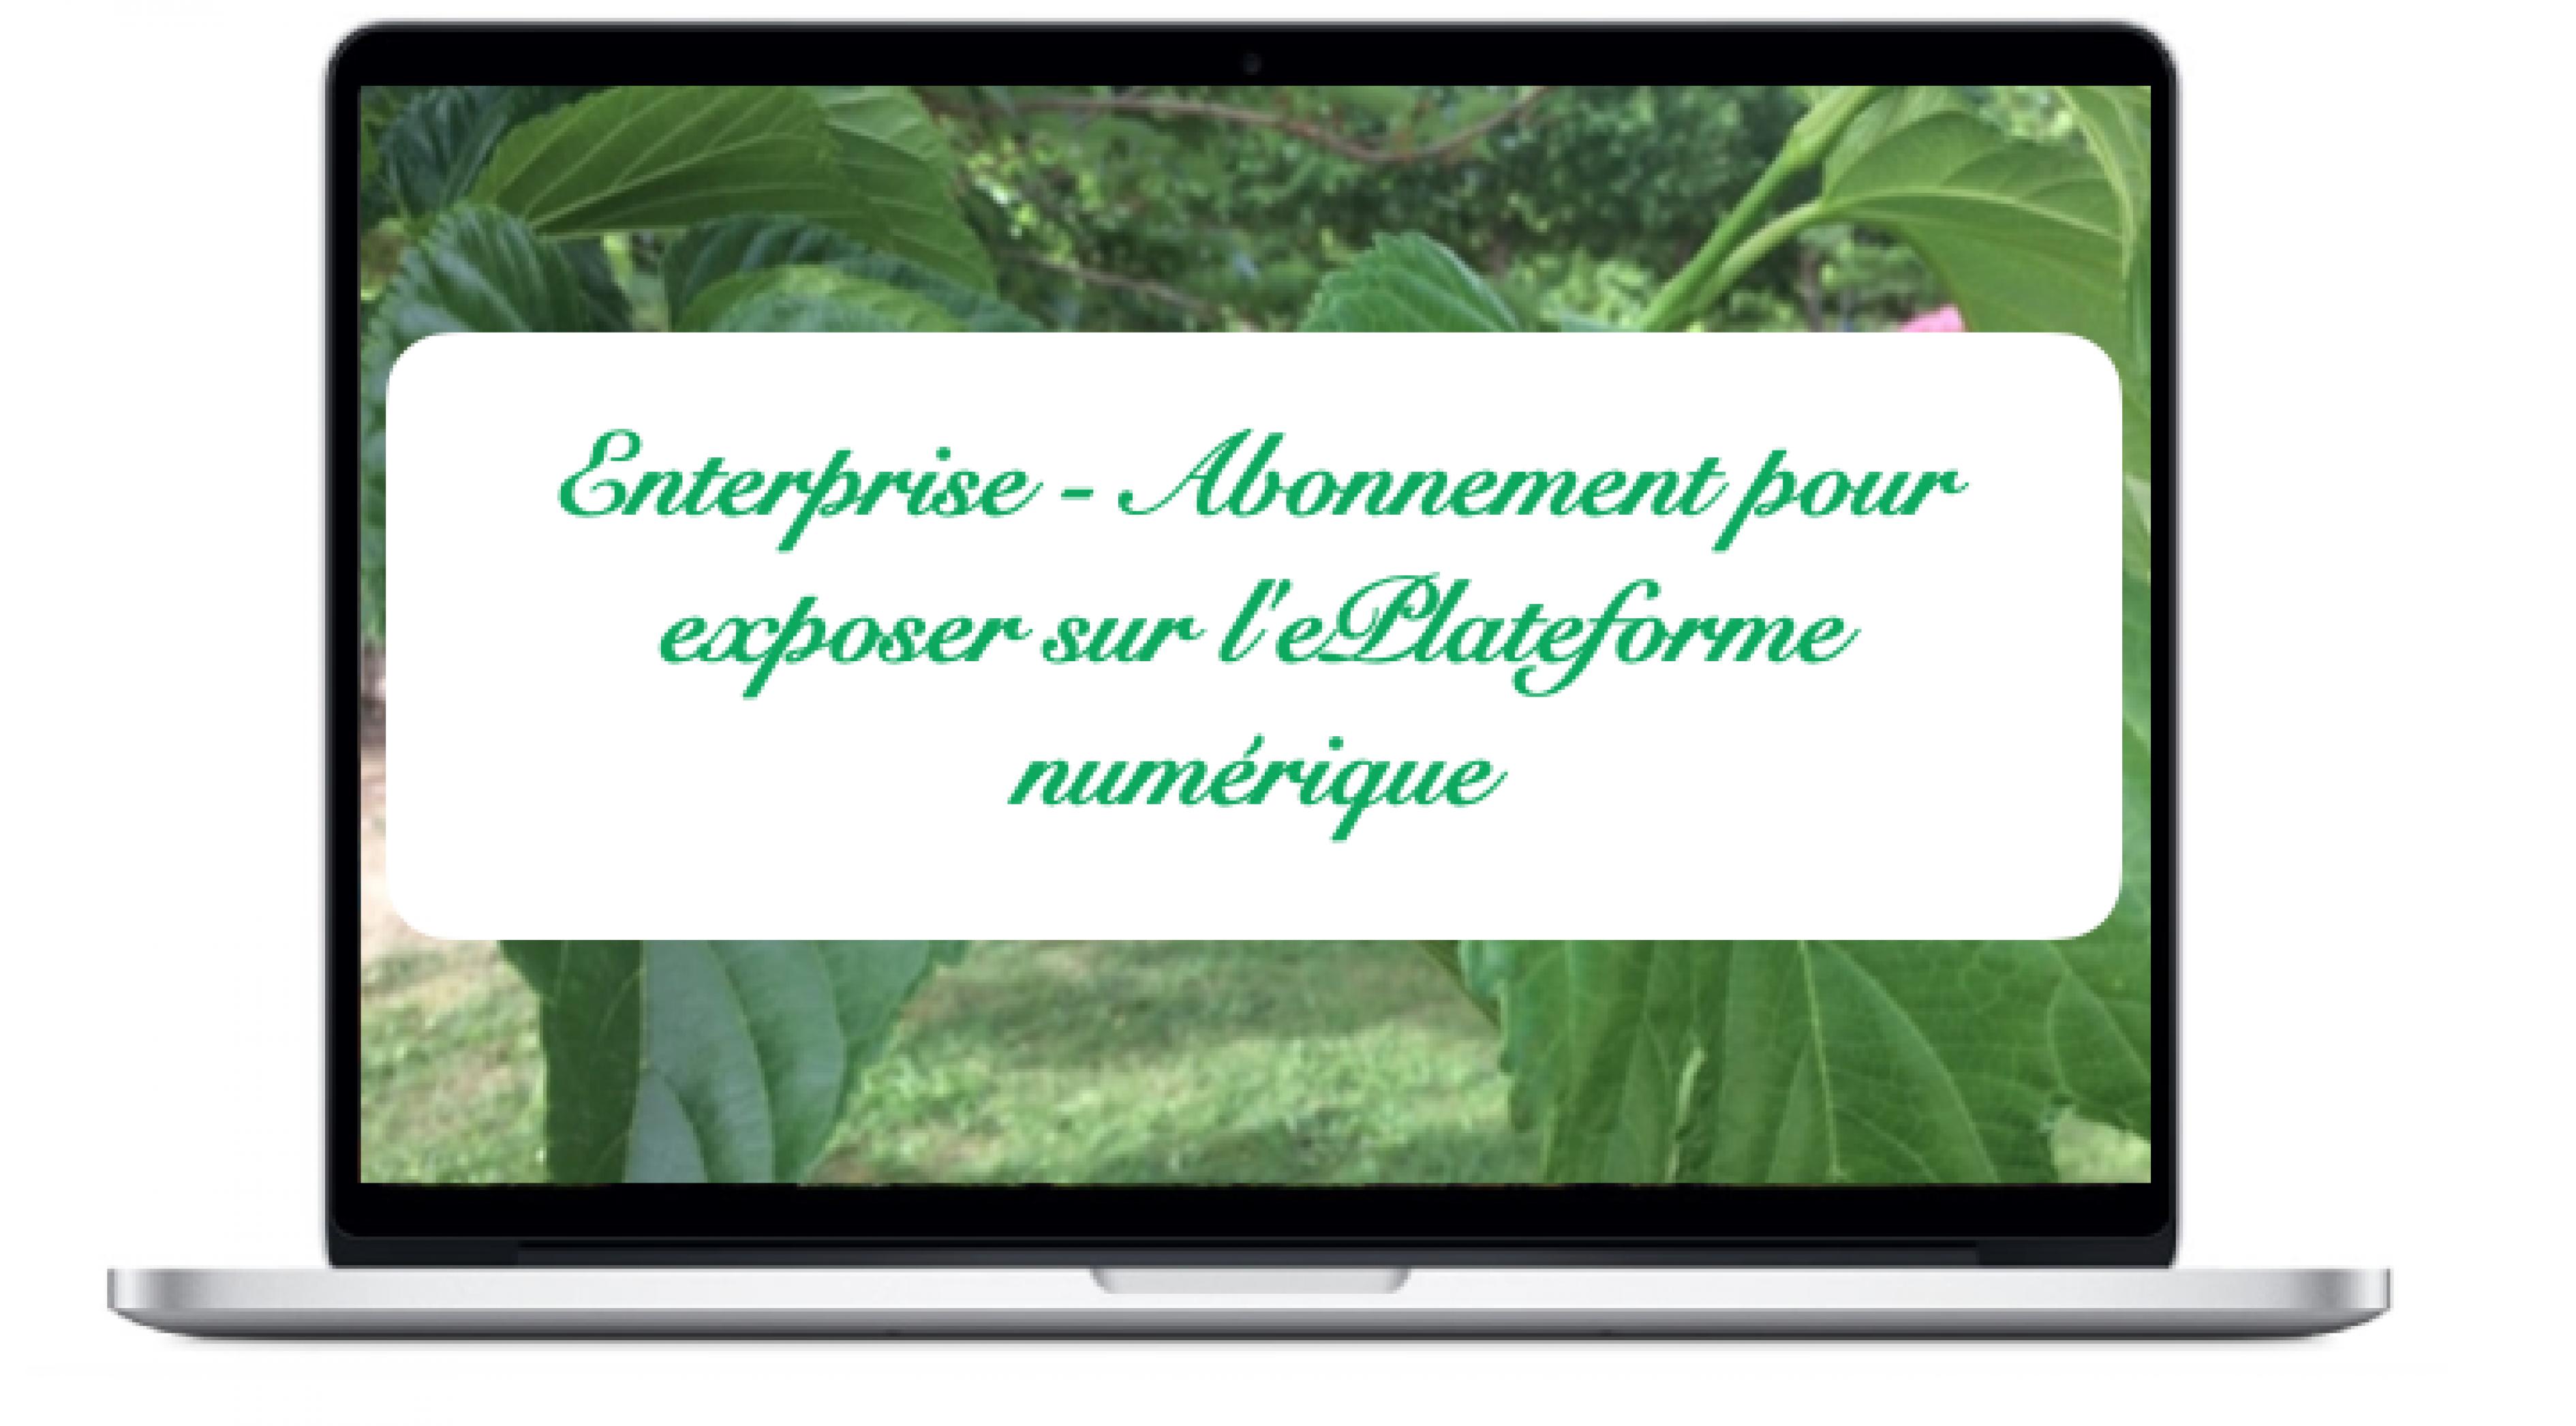 enterprise-abonnement-pour-exposer-sur-leplateforme-numerique